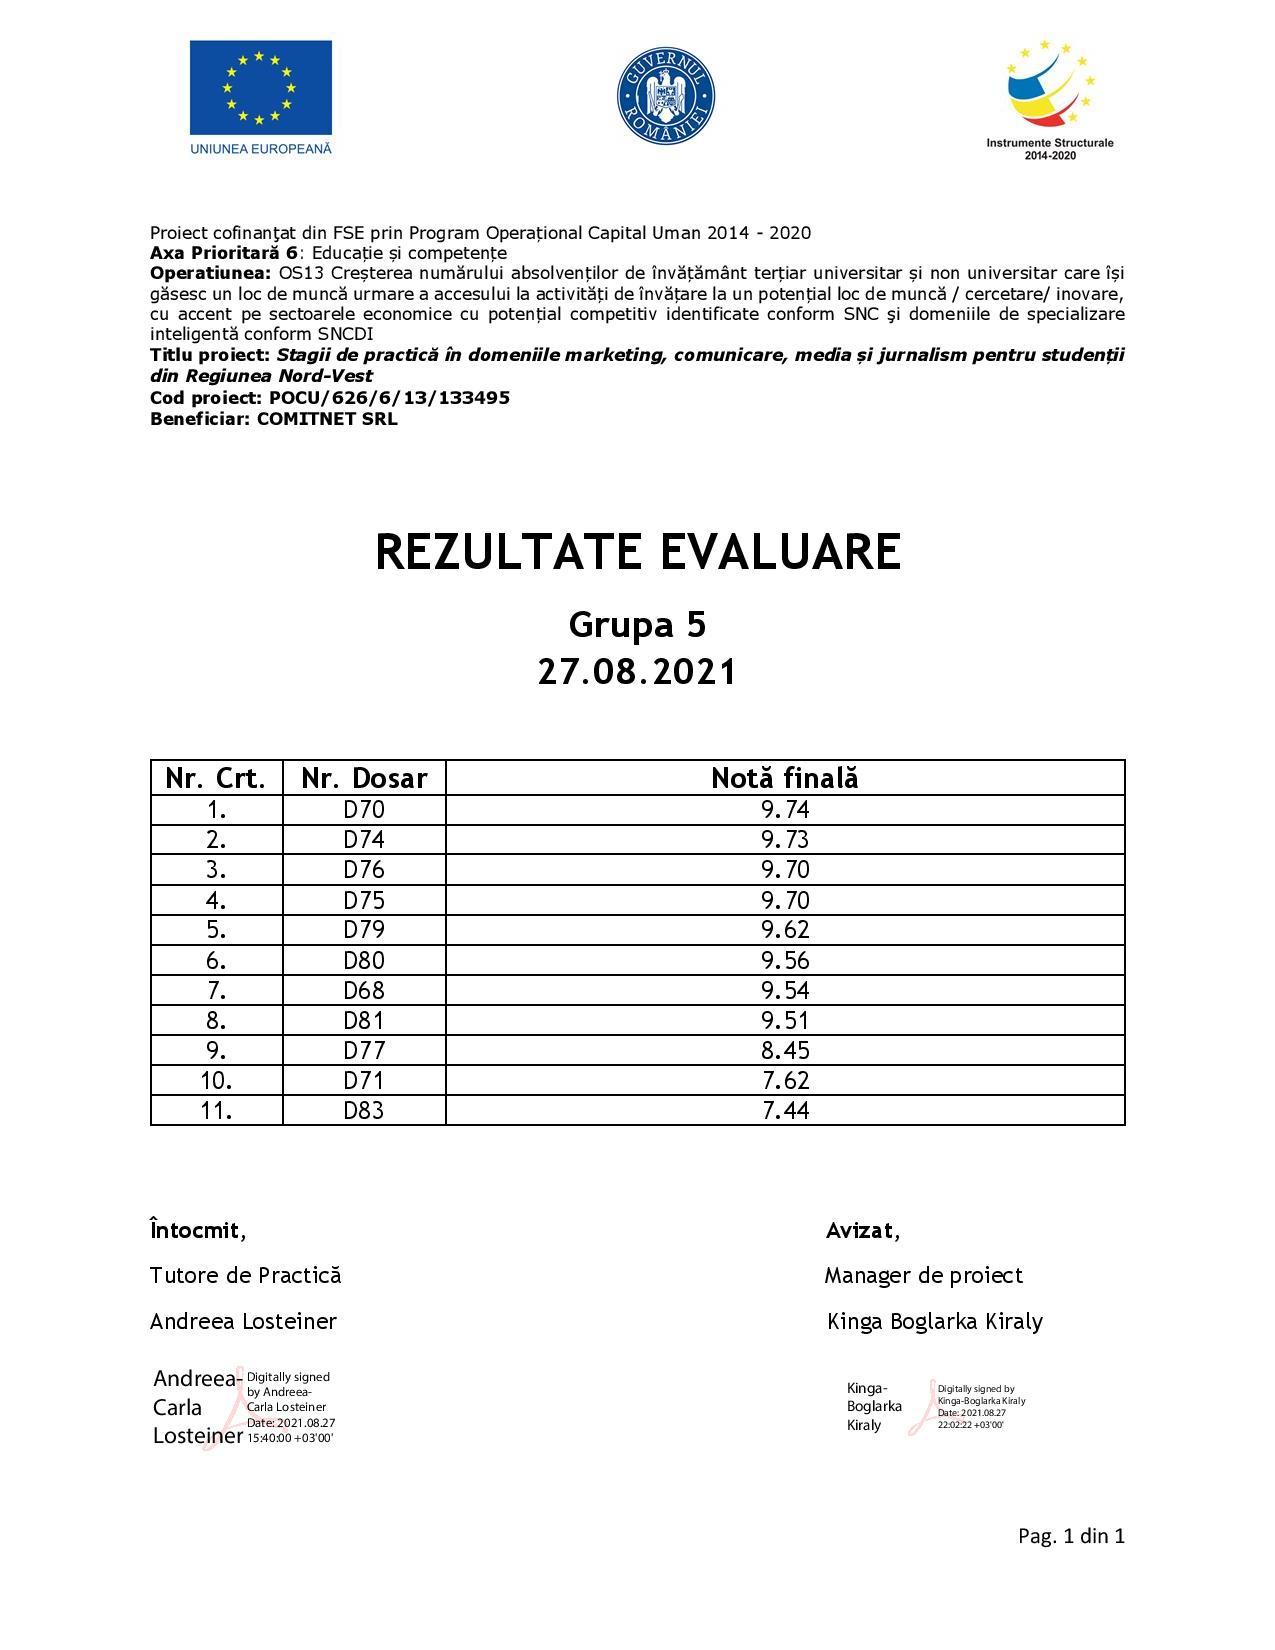 [Stagii de Practică SEO 365] Rezultate evaluare - Gr. V-page-001